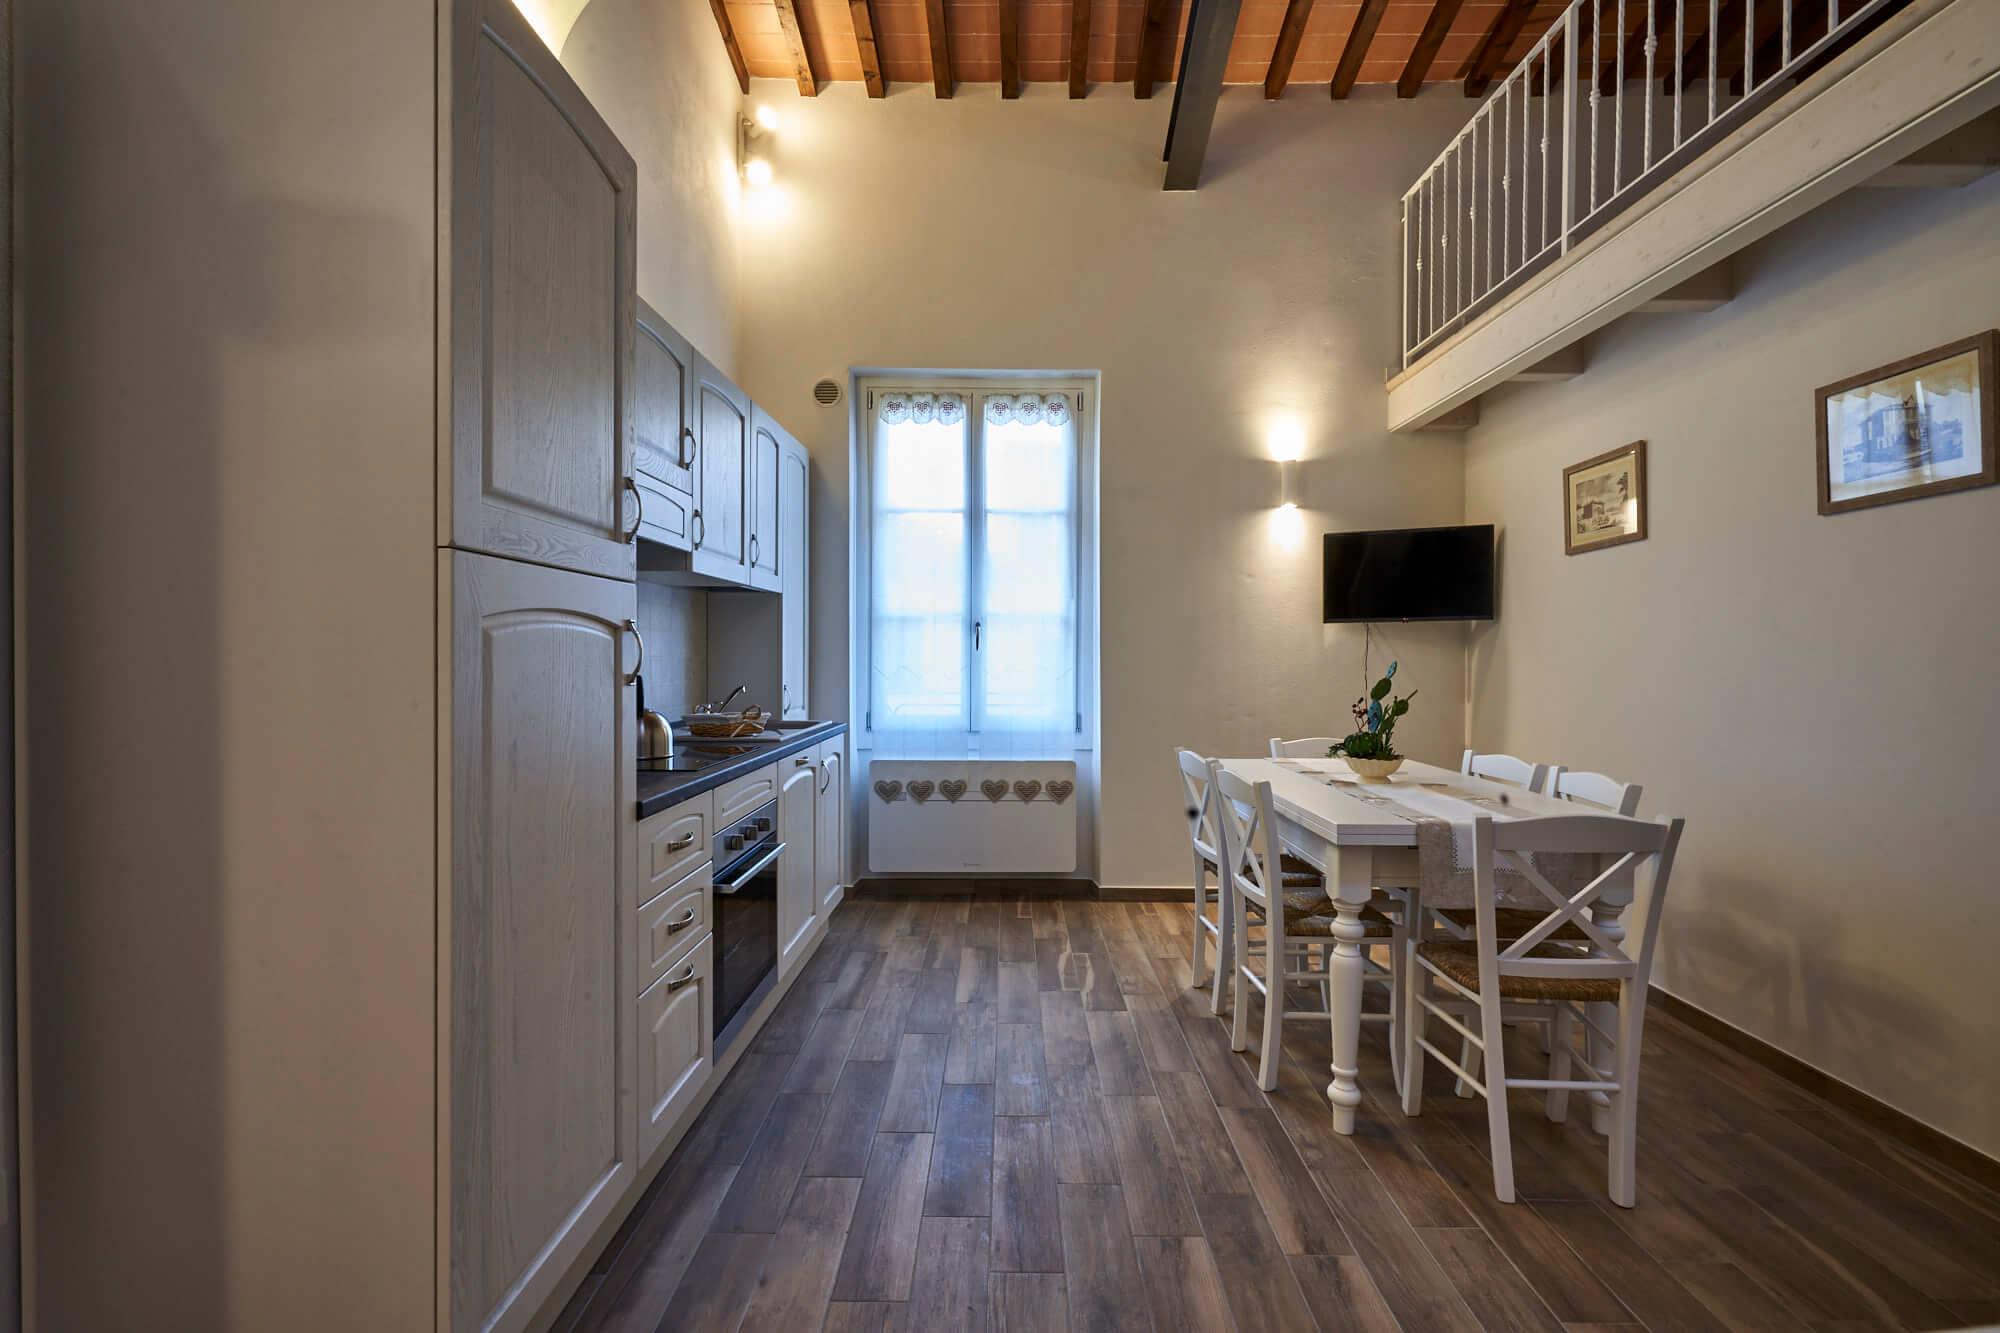 Cucina dell'Appartamento il Magnifico a Poggio a Caiano. Appartamento in affitto con 4 posti letto, a fianco Villa Medicea